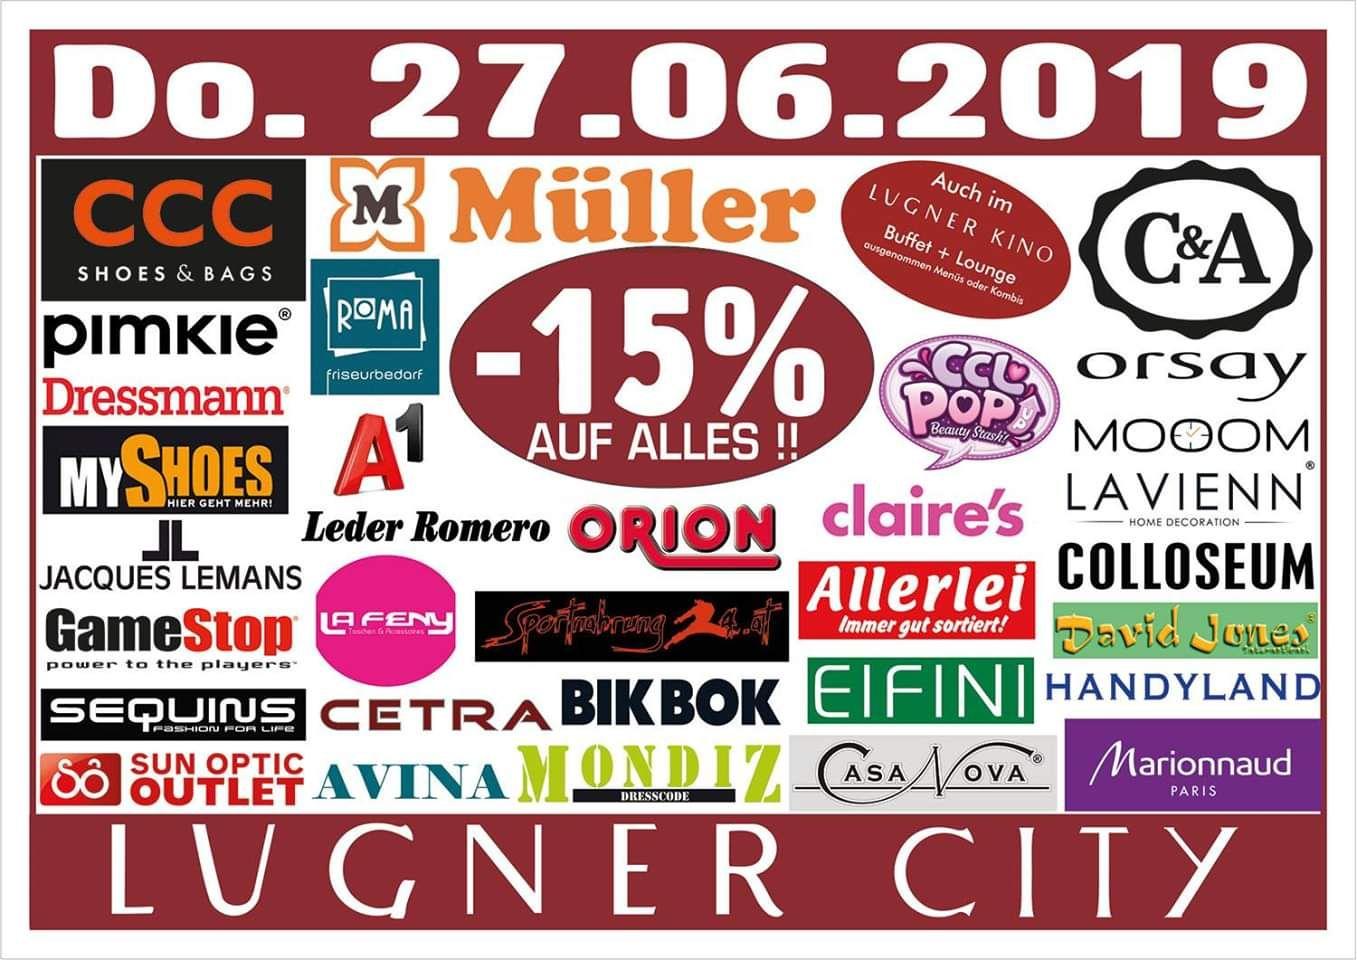 Lugner City: -15% auf alles in 33 Shops